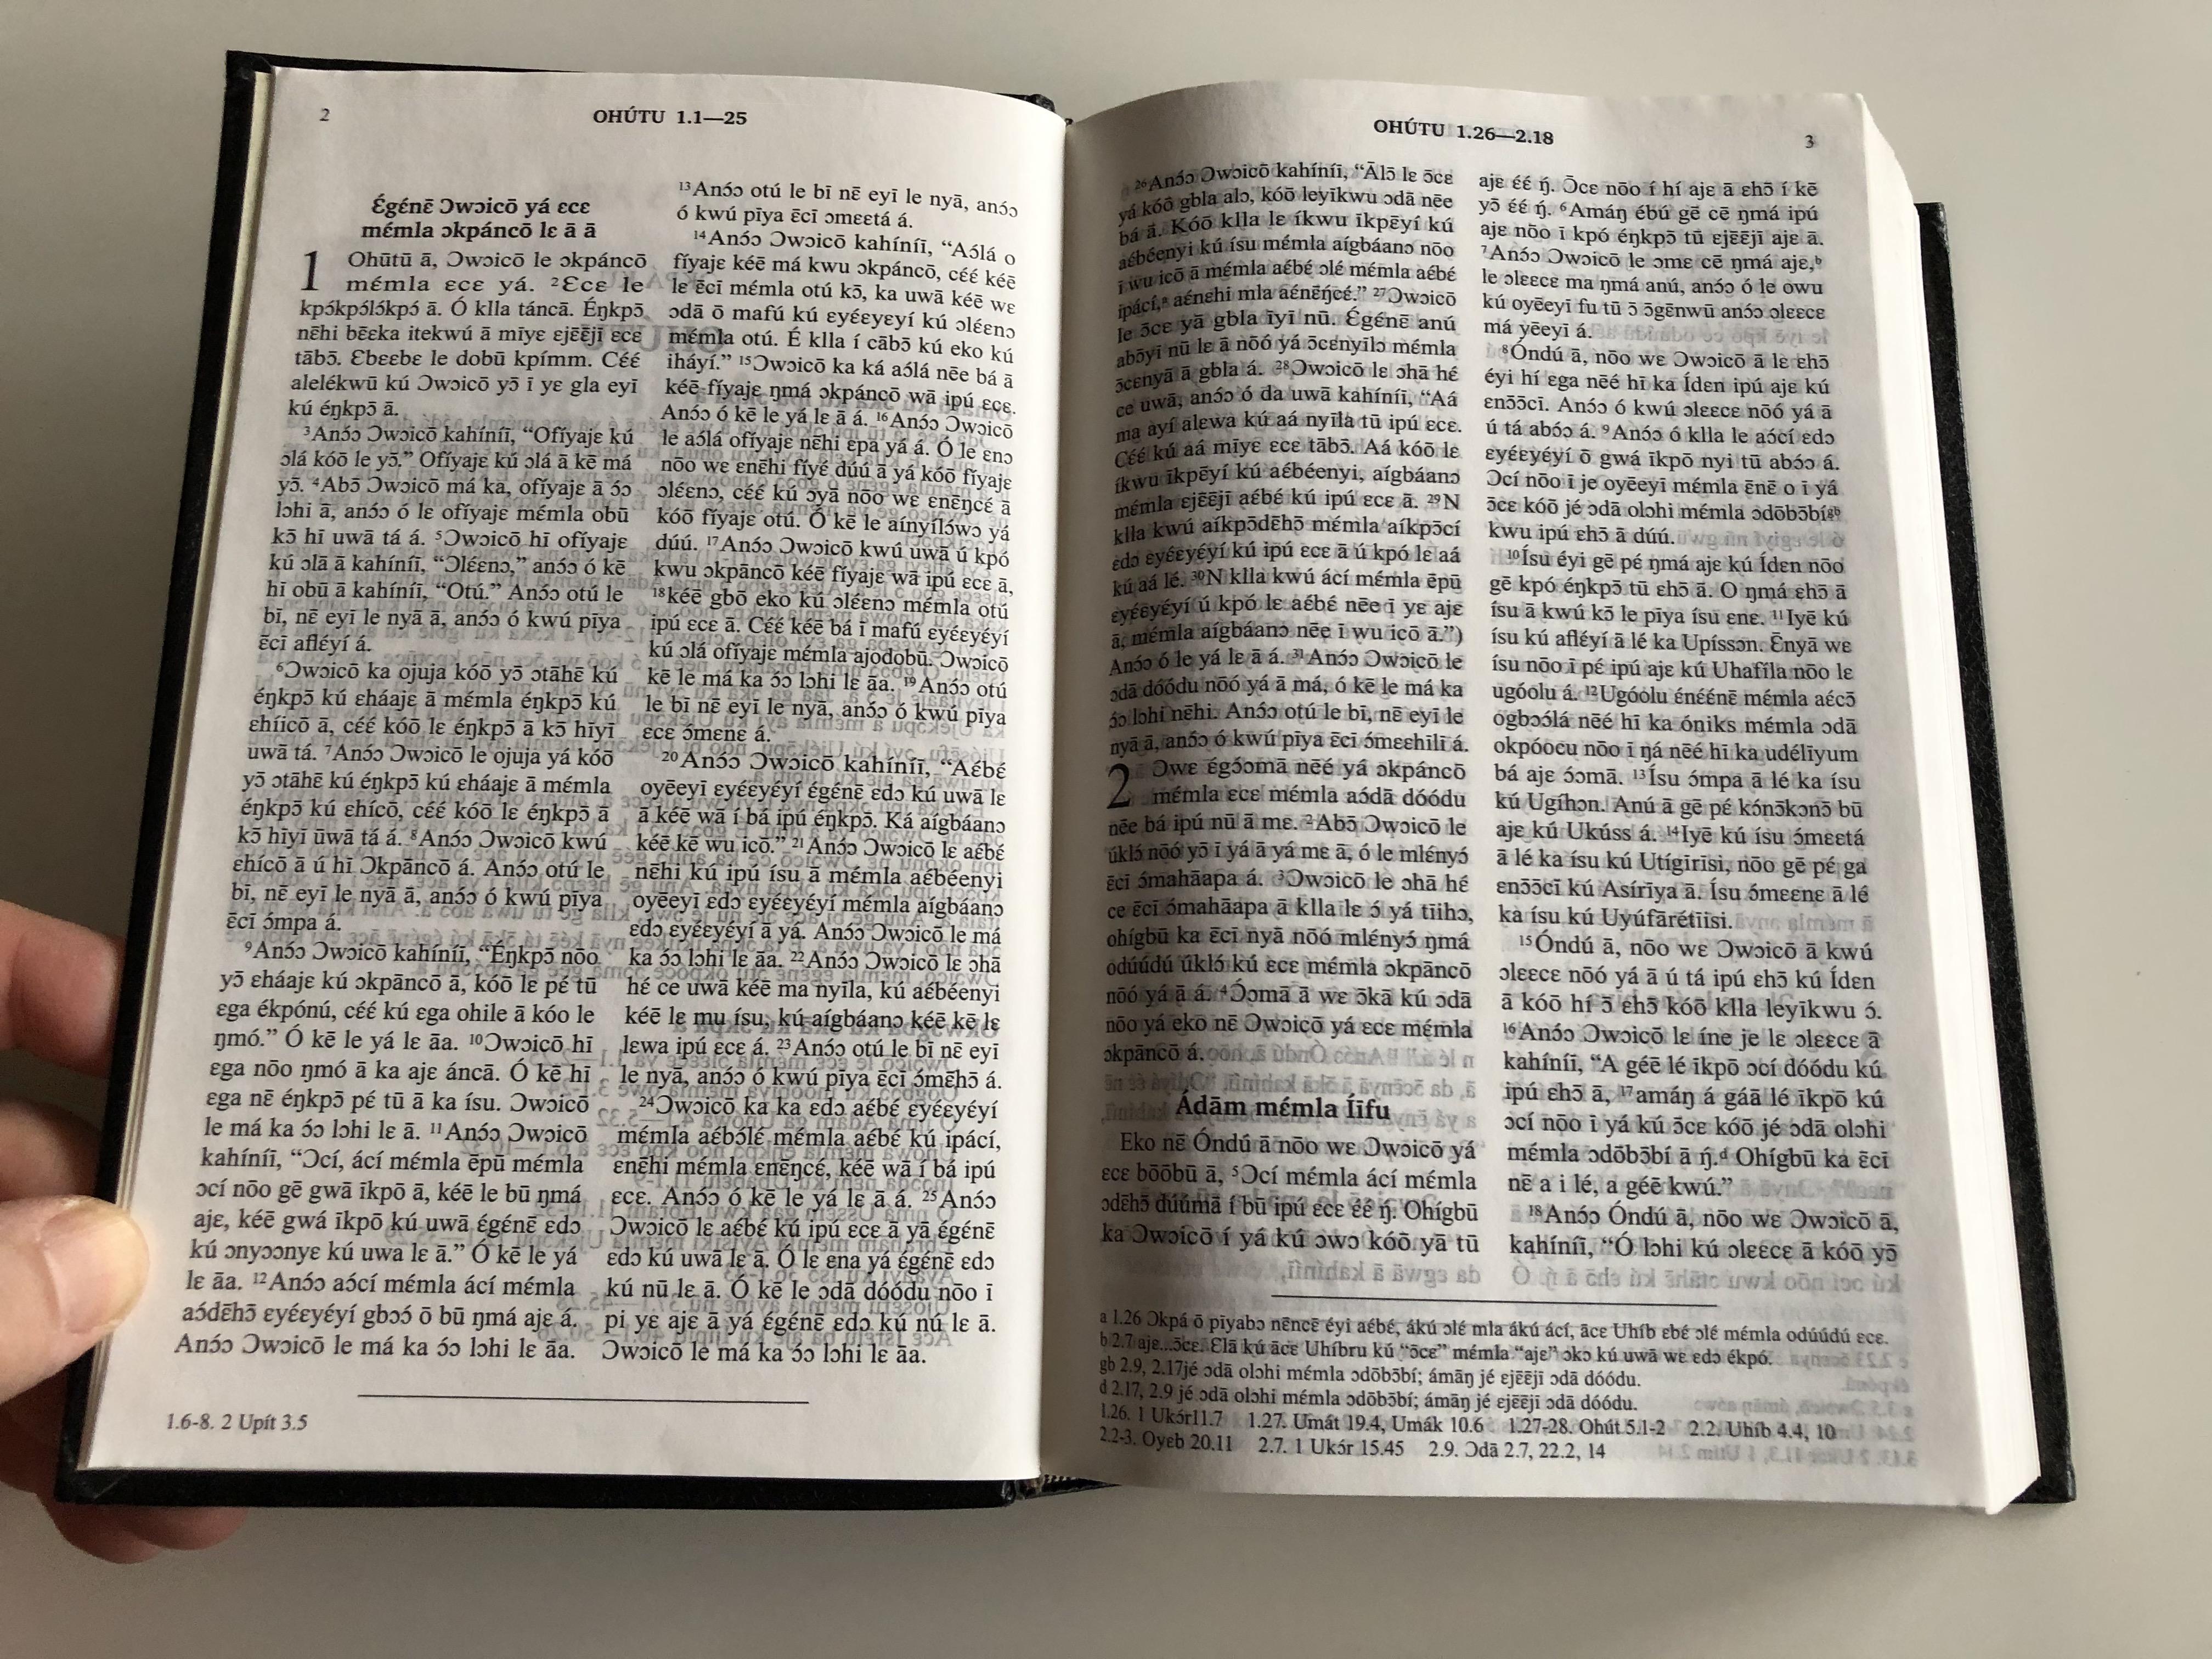 holy-bible-in-idoma-ub-y-bu-k-idoma-a-9.jpg